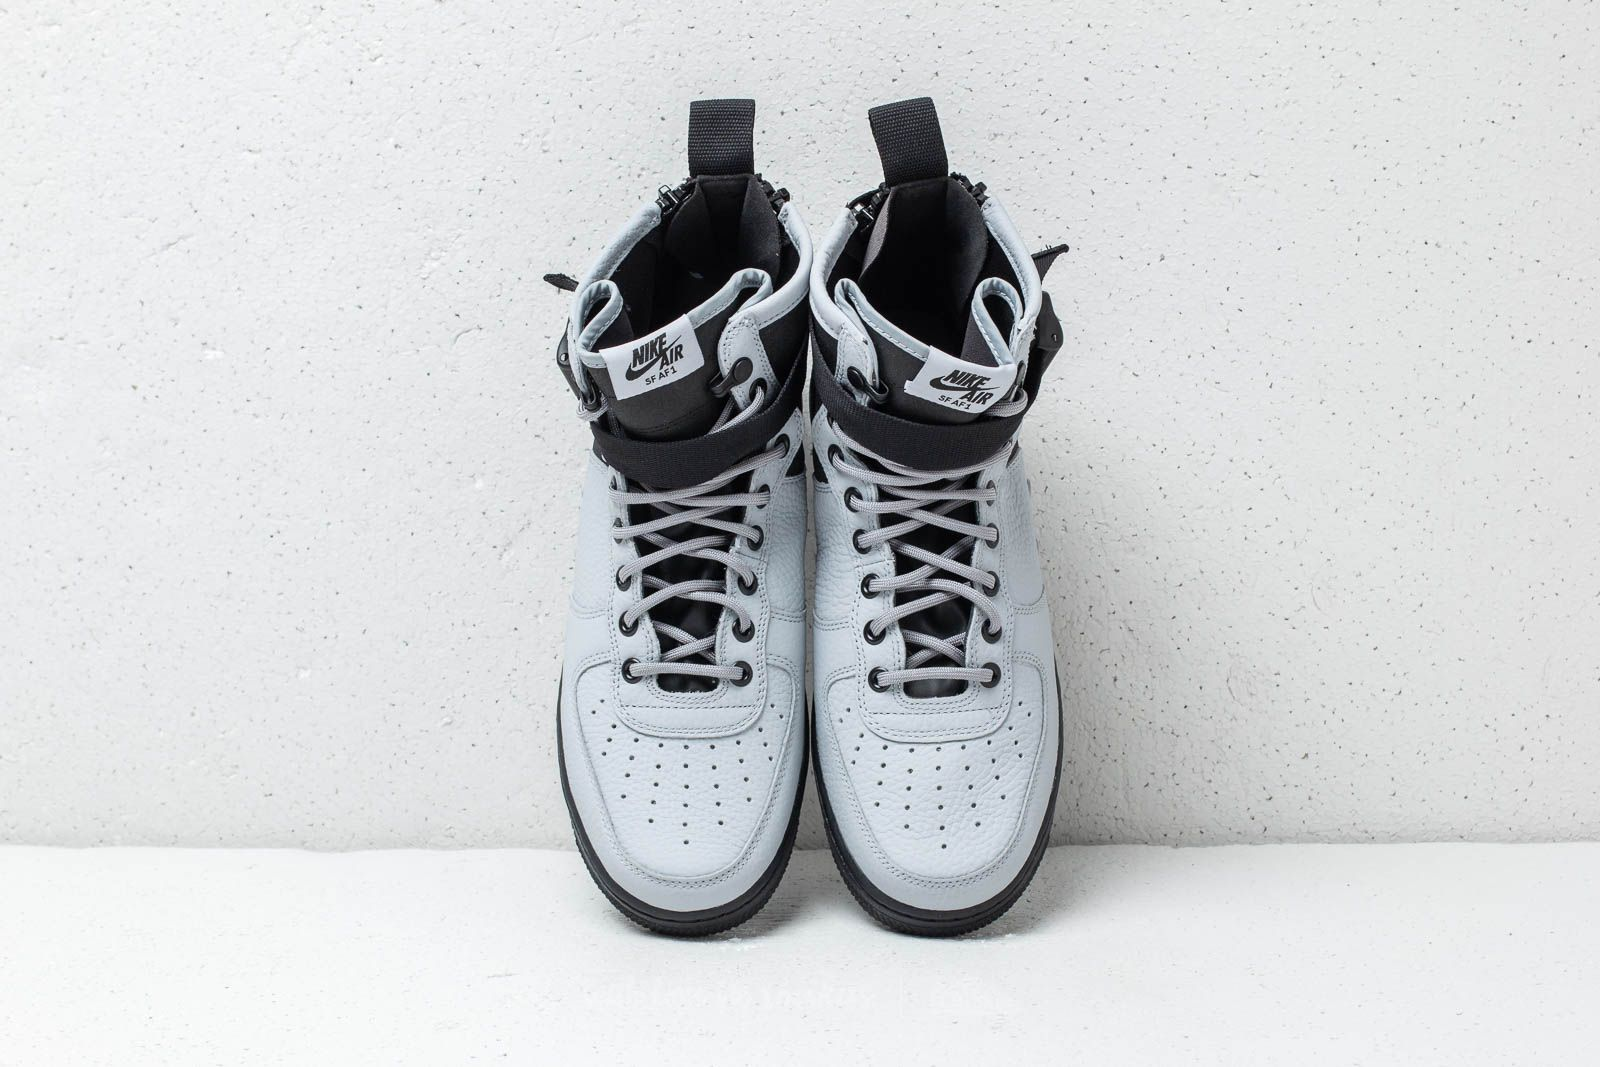 Nike SF Air Force 1 Mid Wolf Grey Wolf Grey Black | Footshop